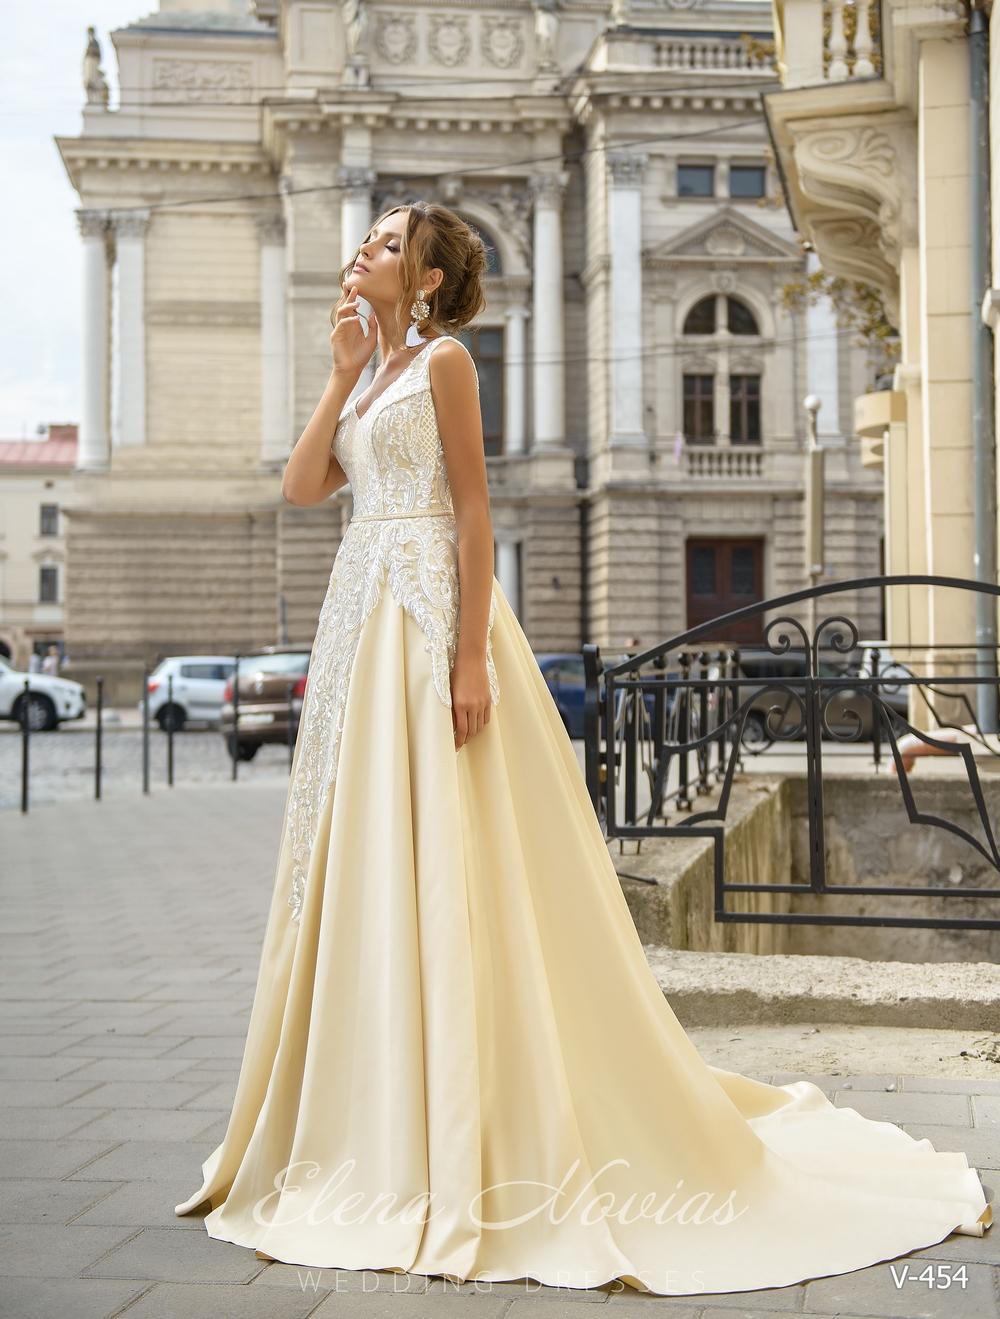 Вечернее длинное в пол платье со шлейфом и глубоким декольте